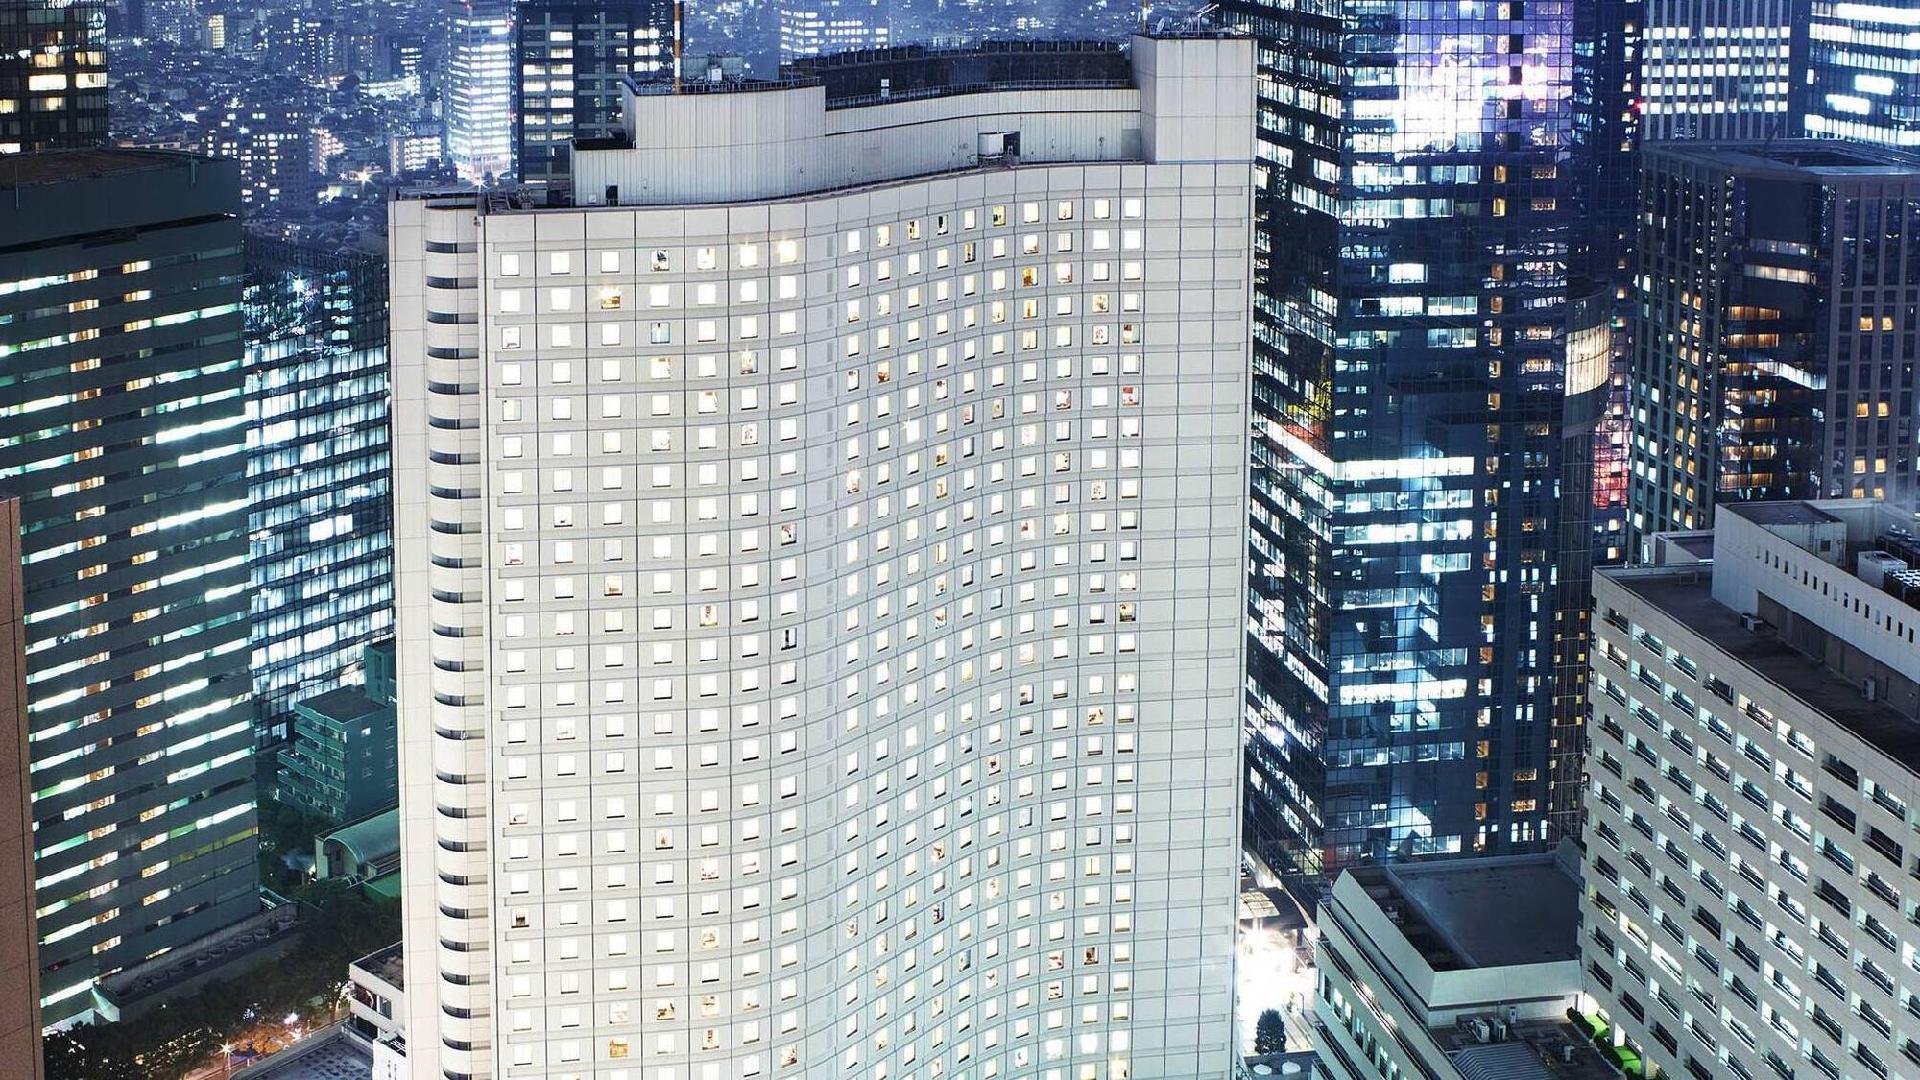 ヒルトン東京 image